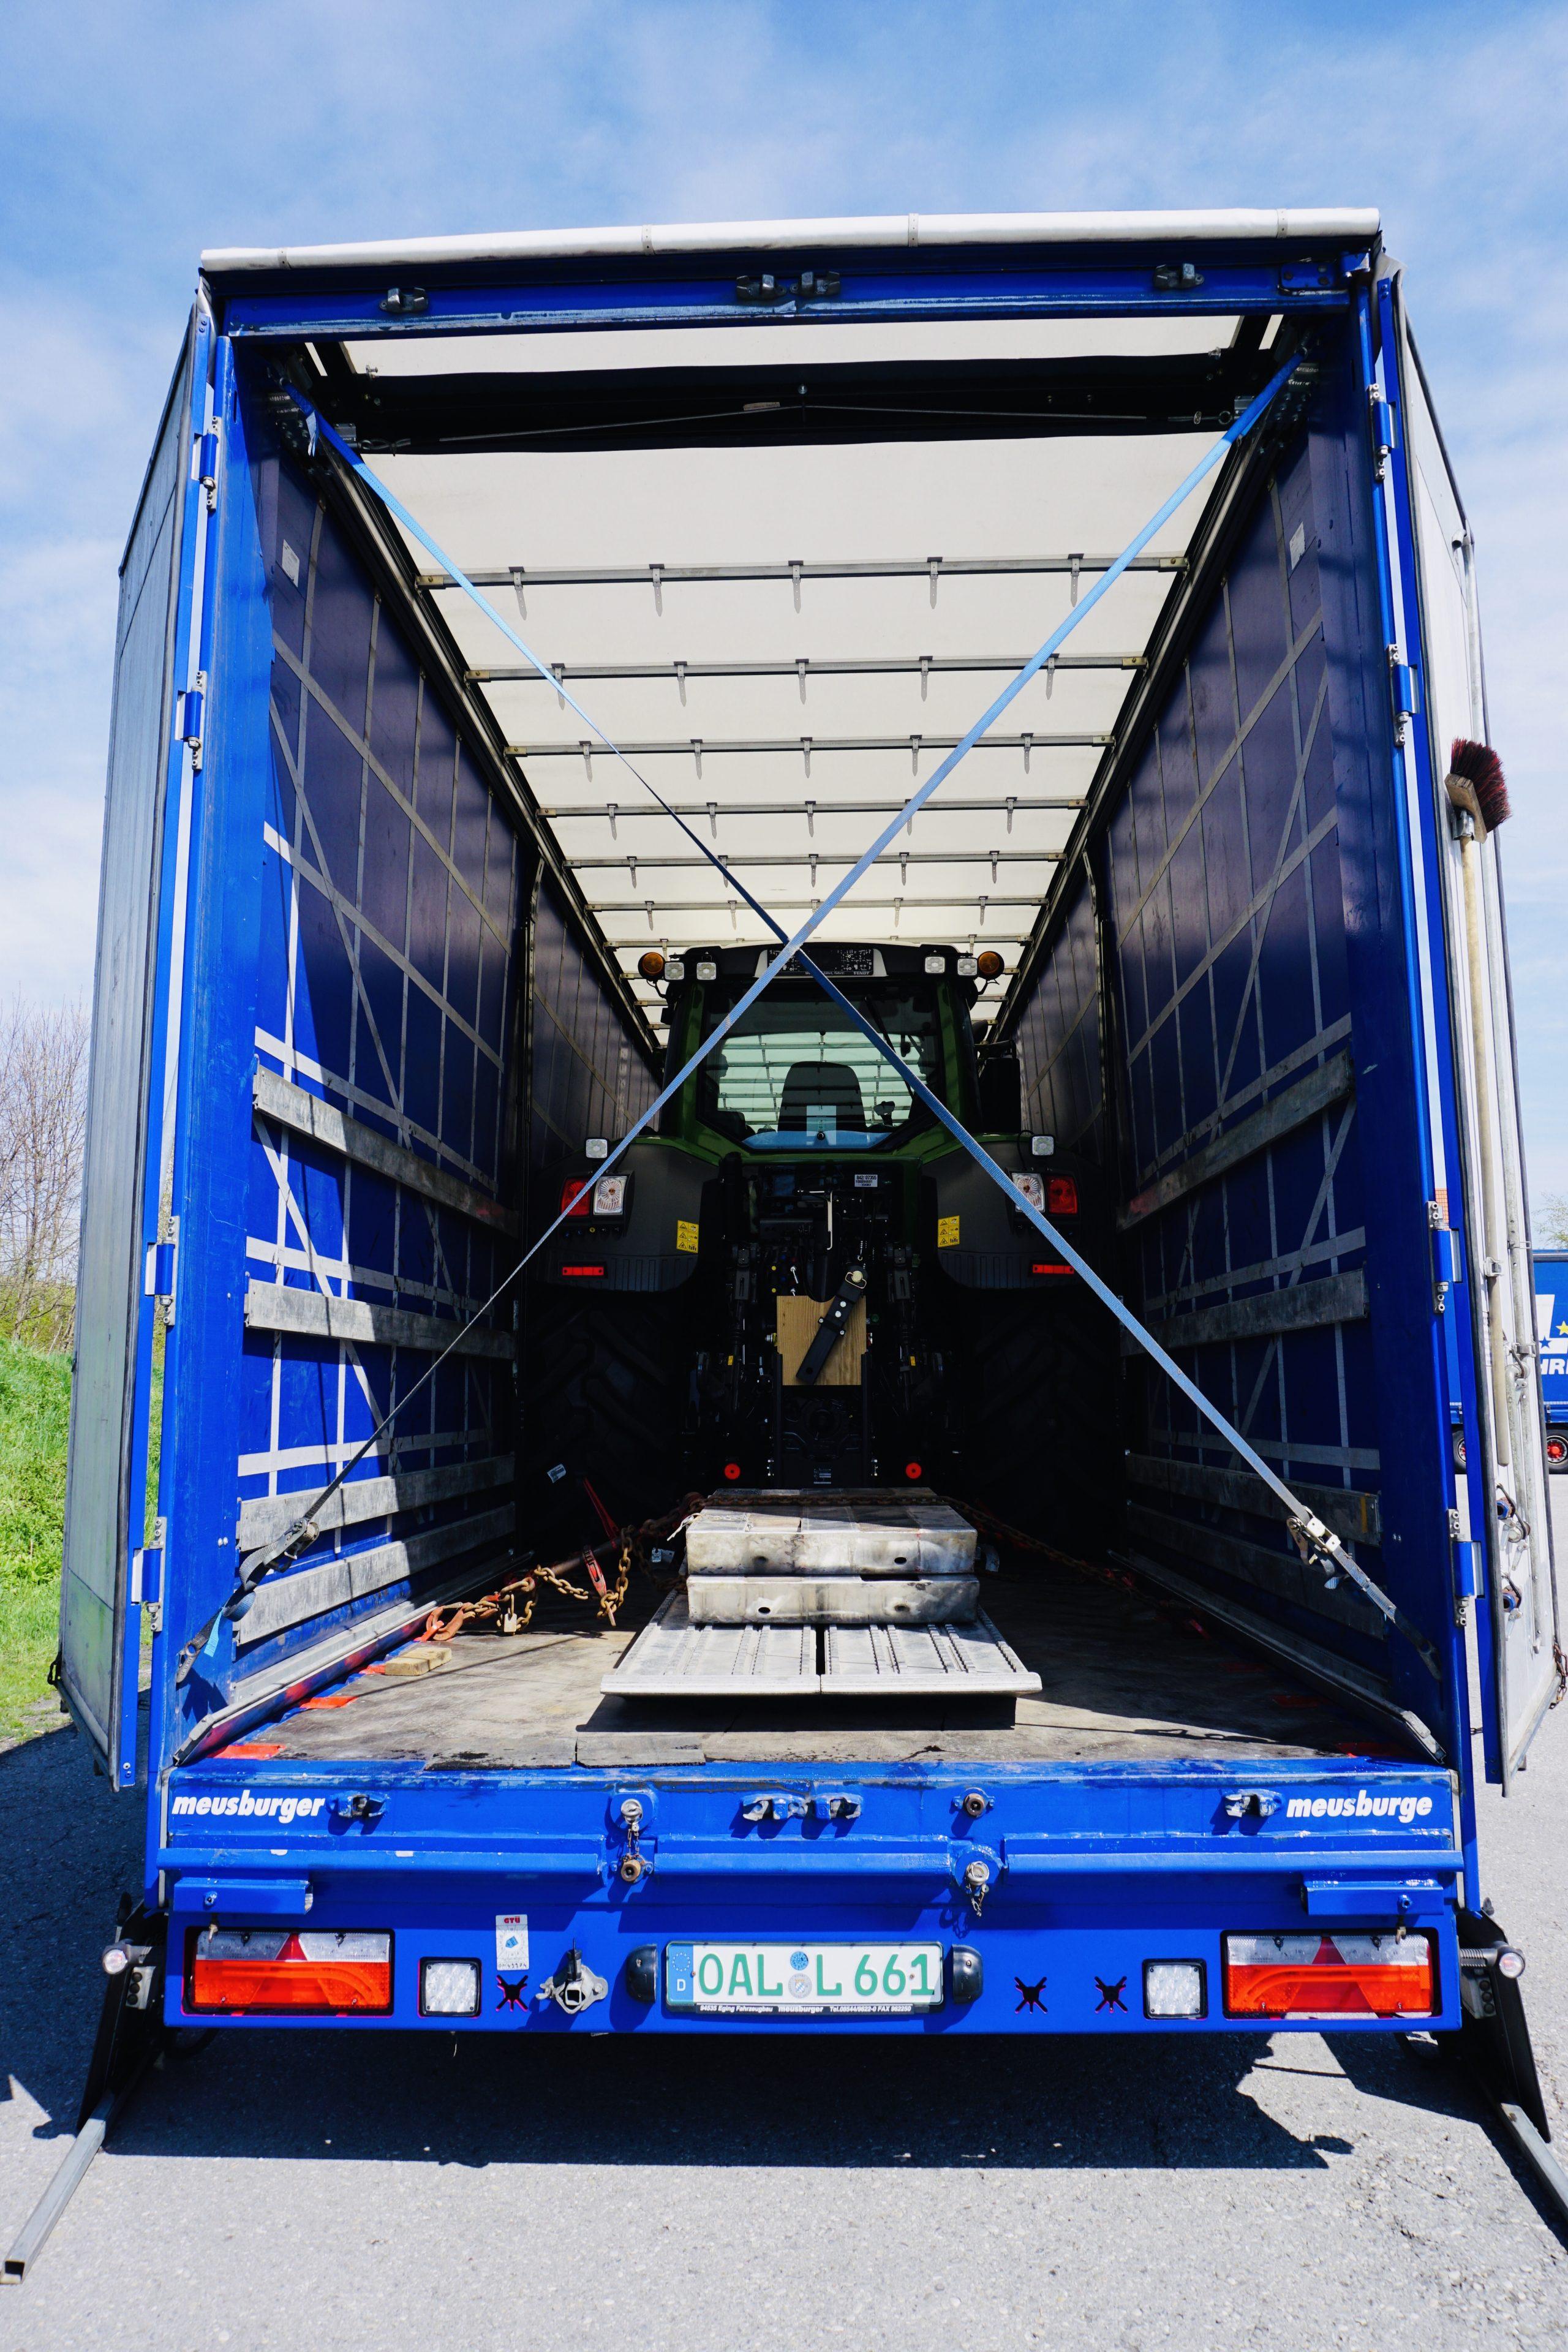 https://www.leinsle.com/wp-content/uploads/Traktor_Transporte_Plane-e1578930452485.jpeg